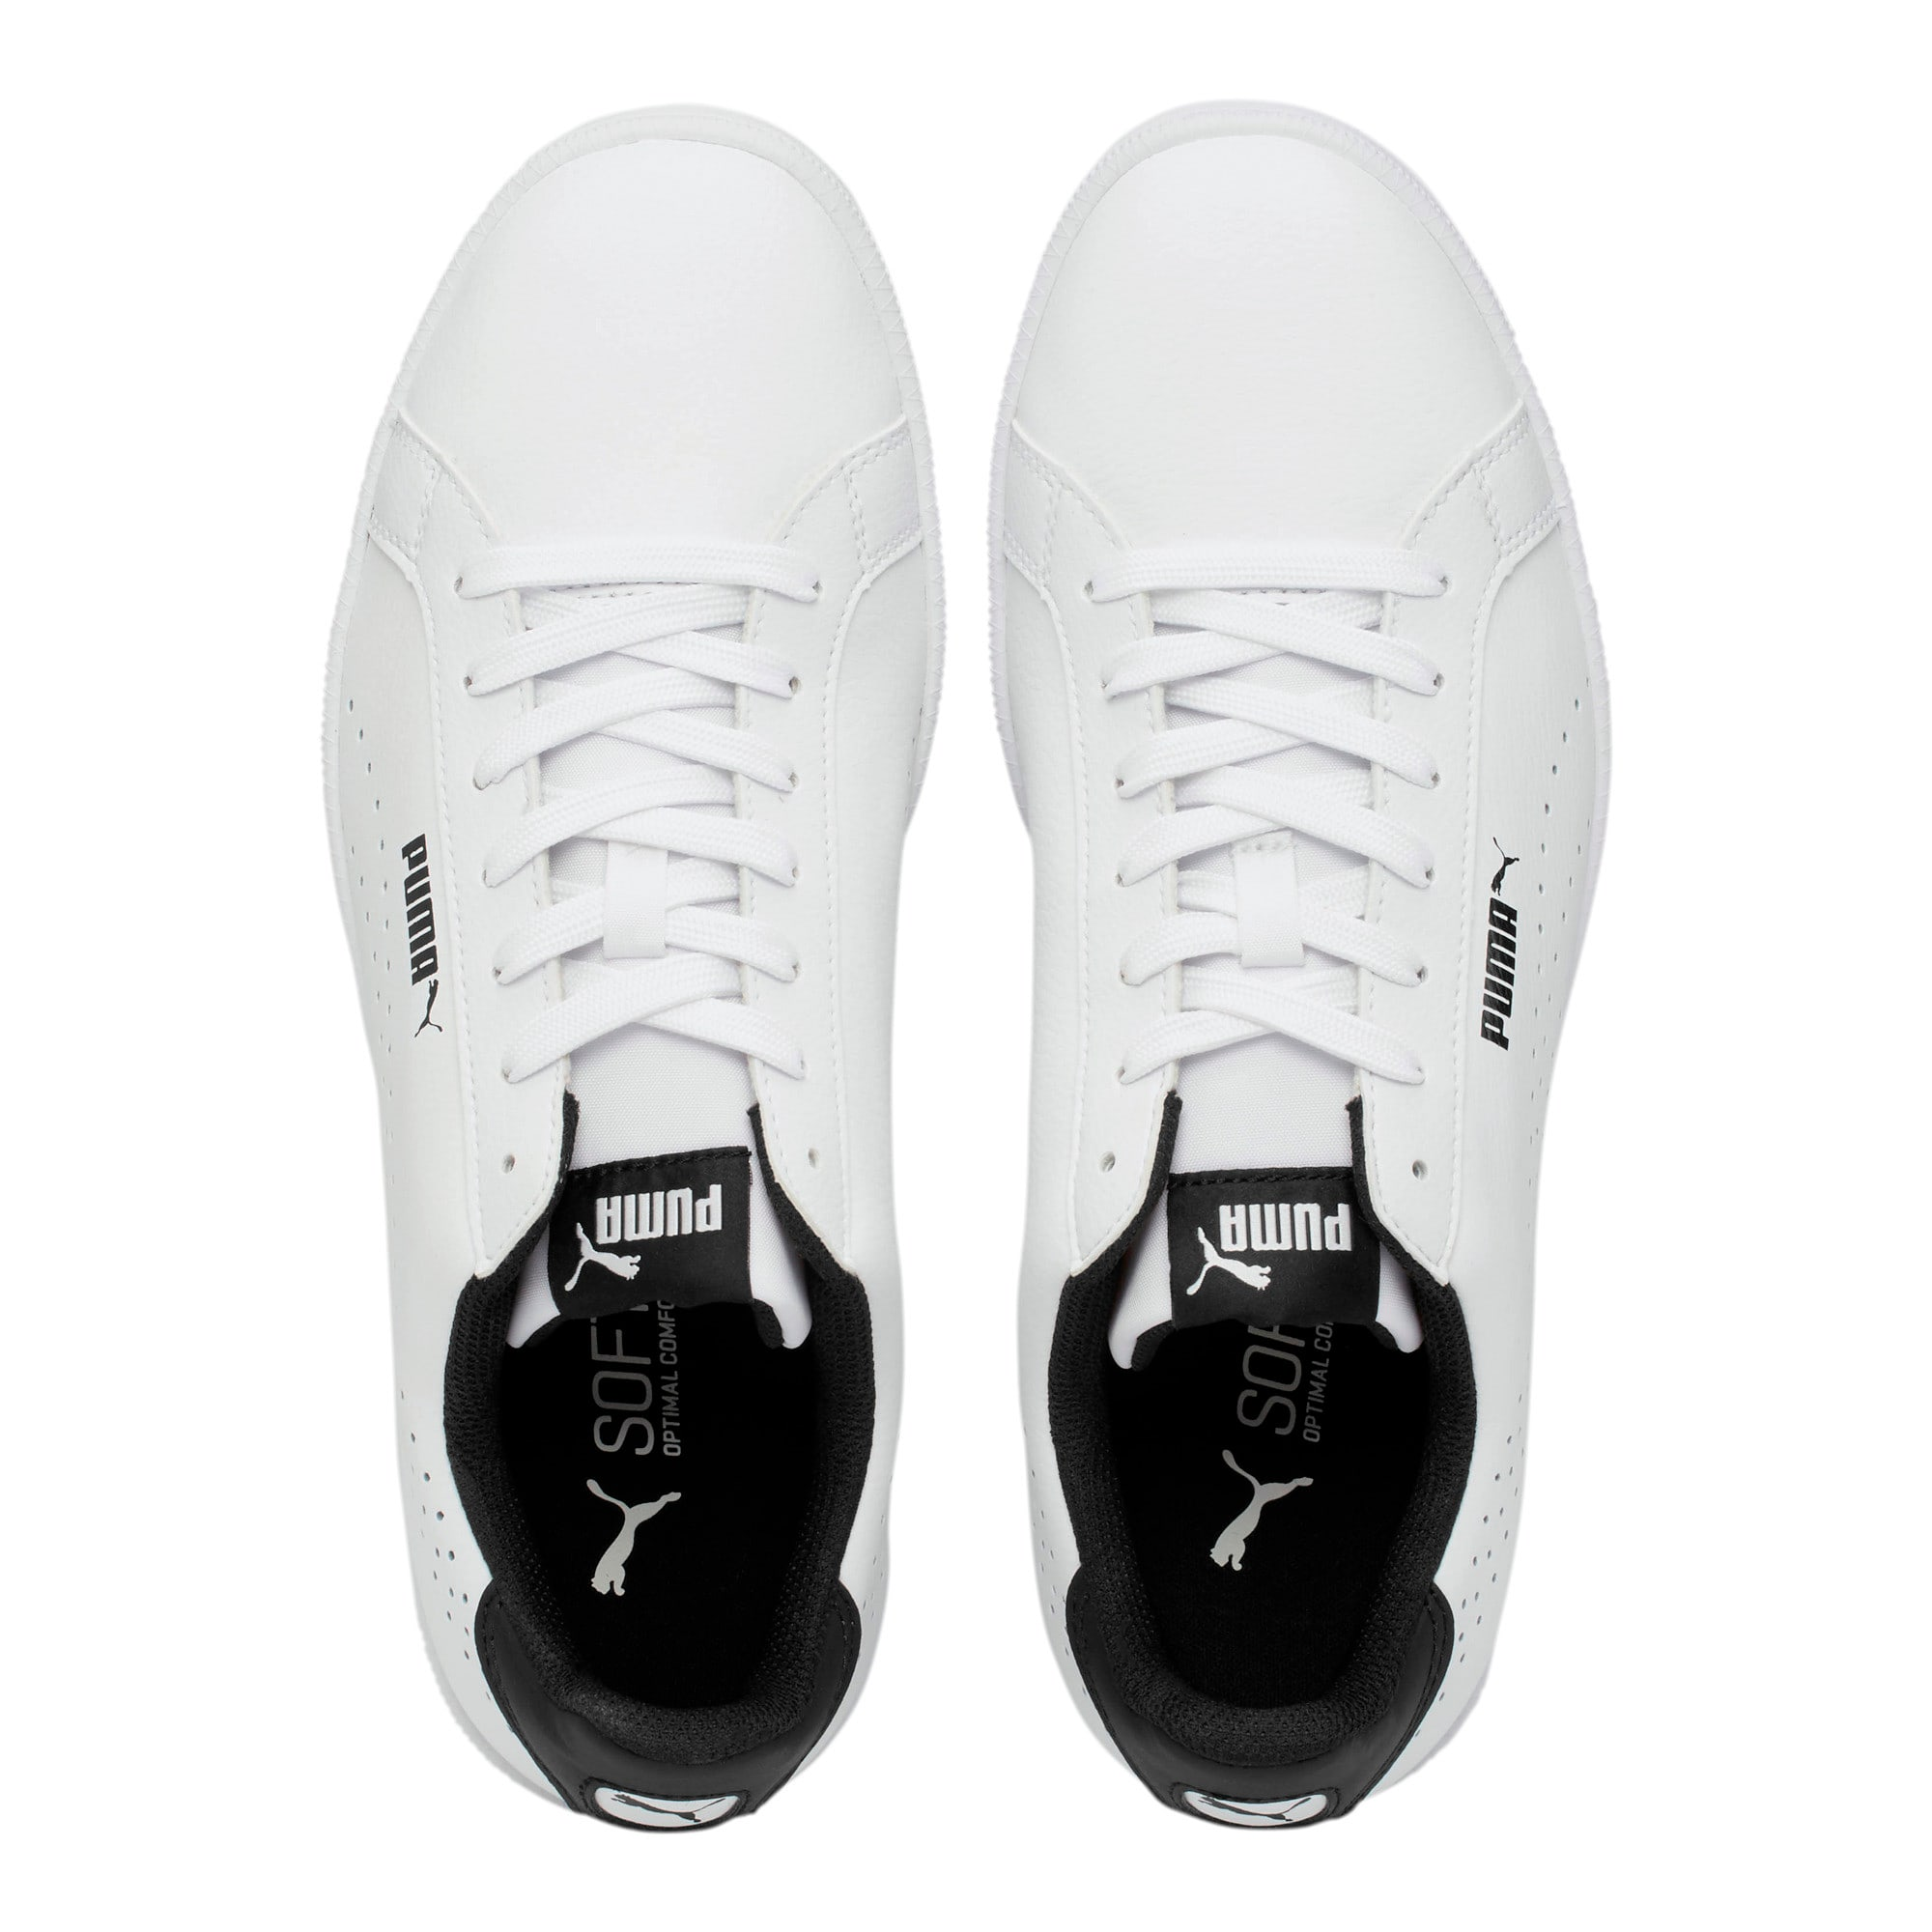 Thumbnail 6 of PUMA Smash Perf Sneakers, Puma White-Puma Black, medium